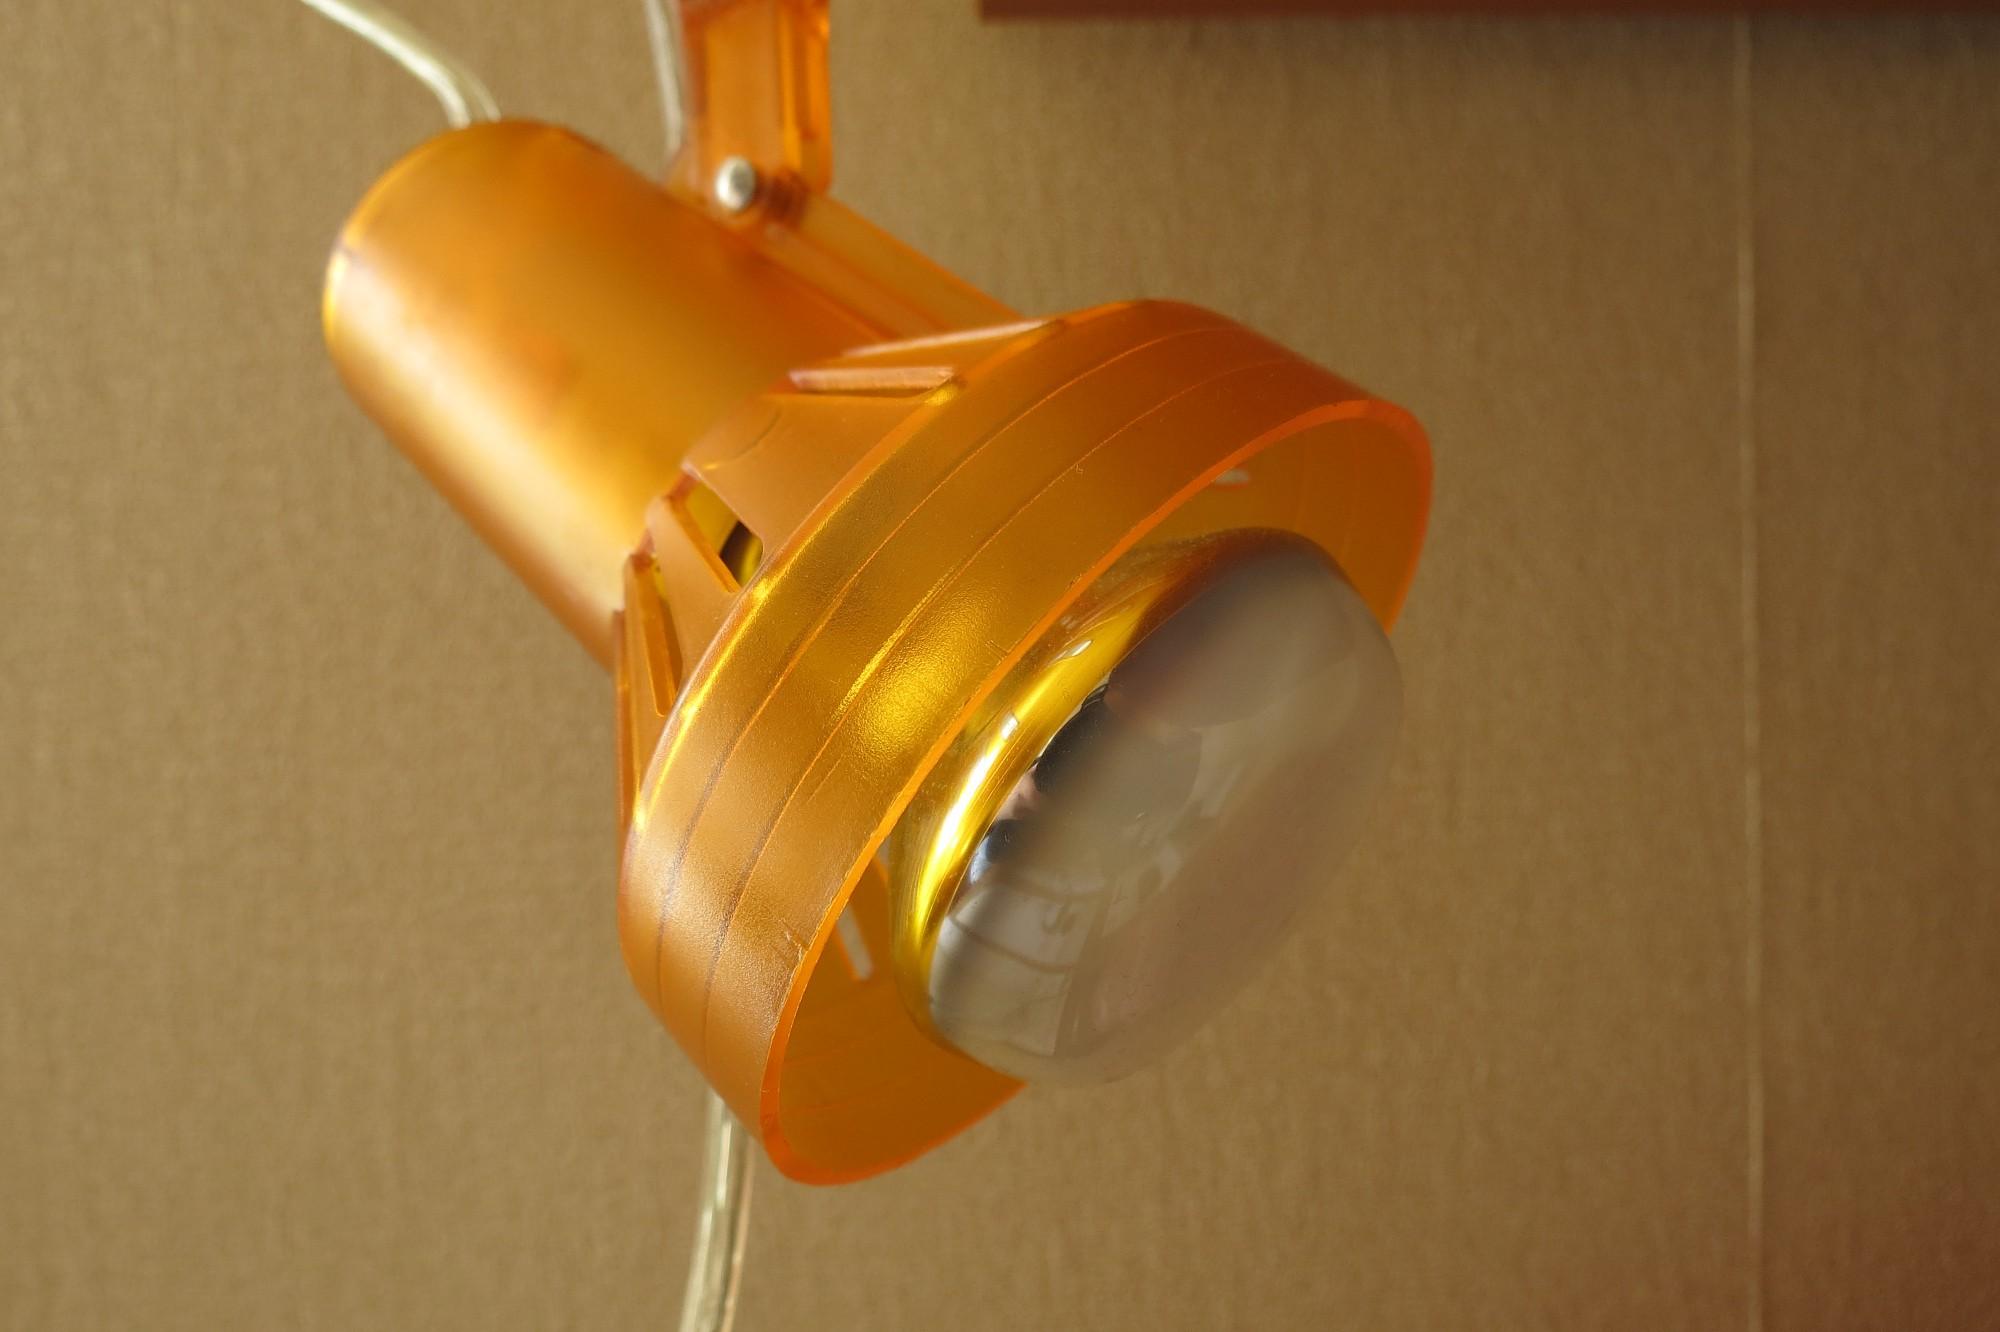 Ap 1700 klientu Liepājas centrā paliek bez elektrības; bojājumi novērsti